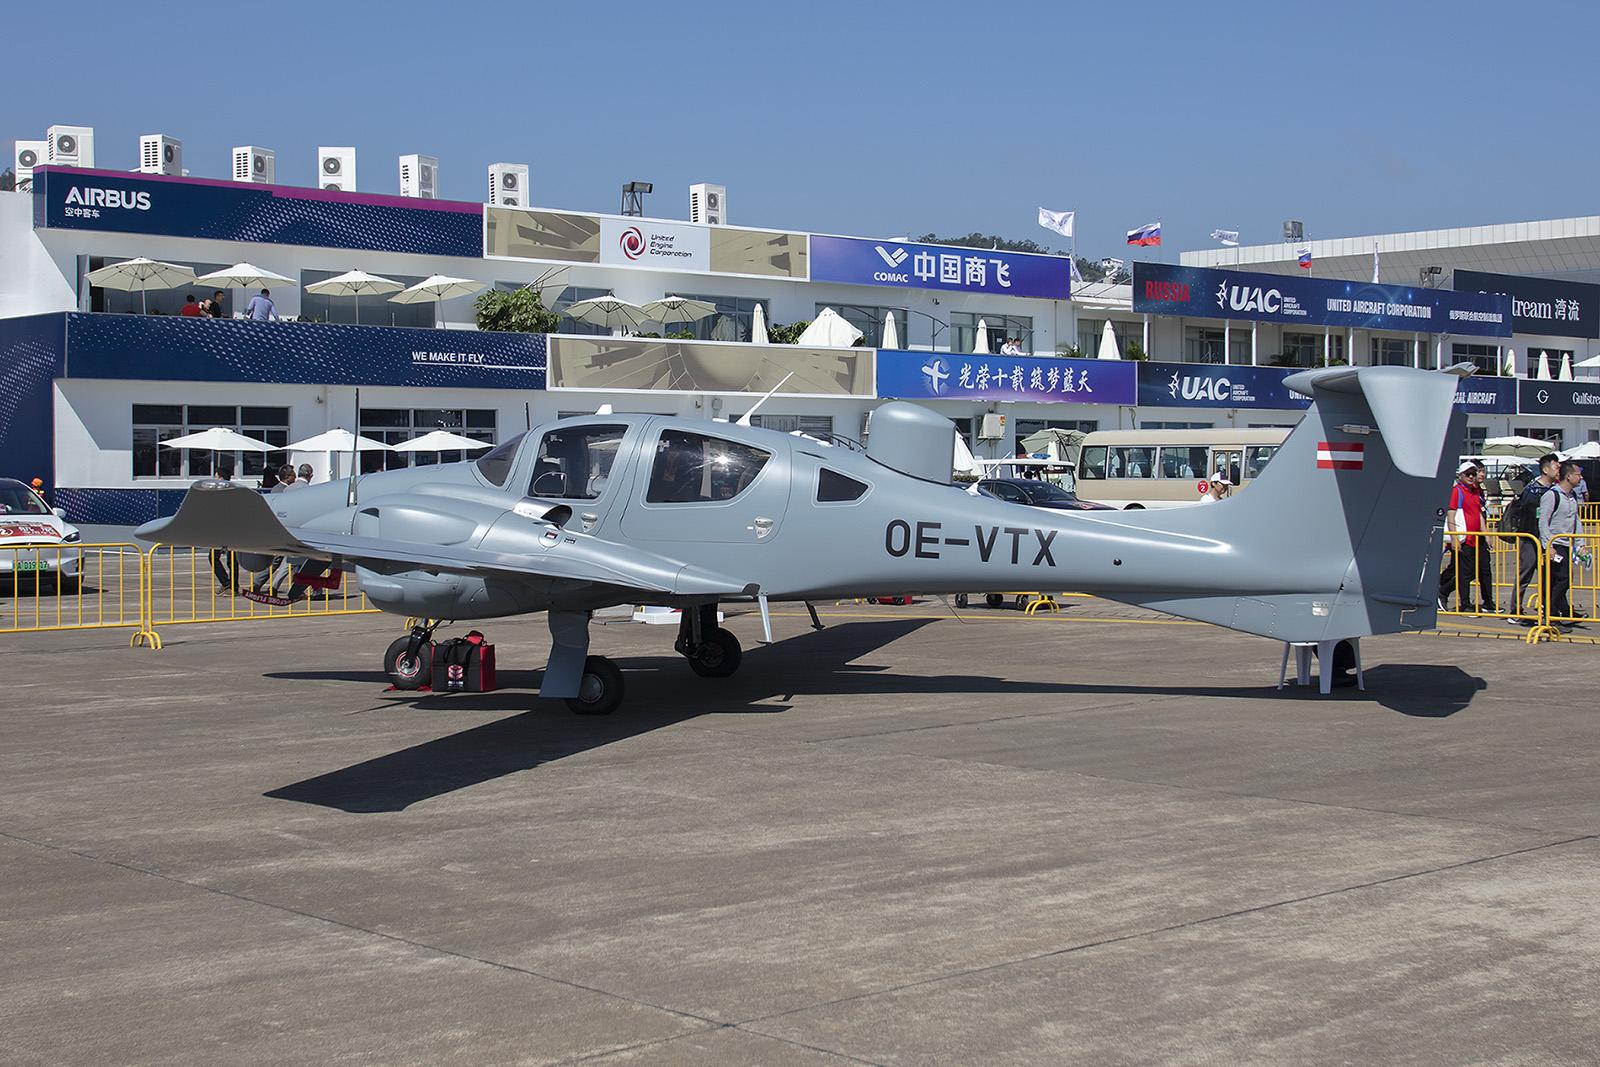 Die OE-VTX ist eine Diamond DA-62 MPP für den Einsatzt beim Militär.